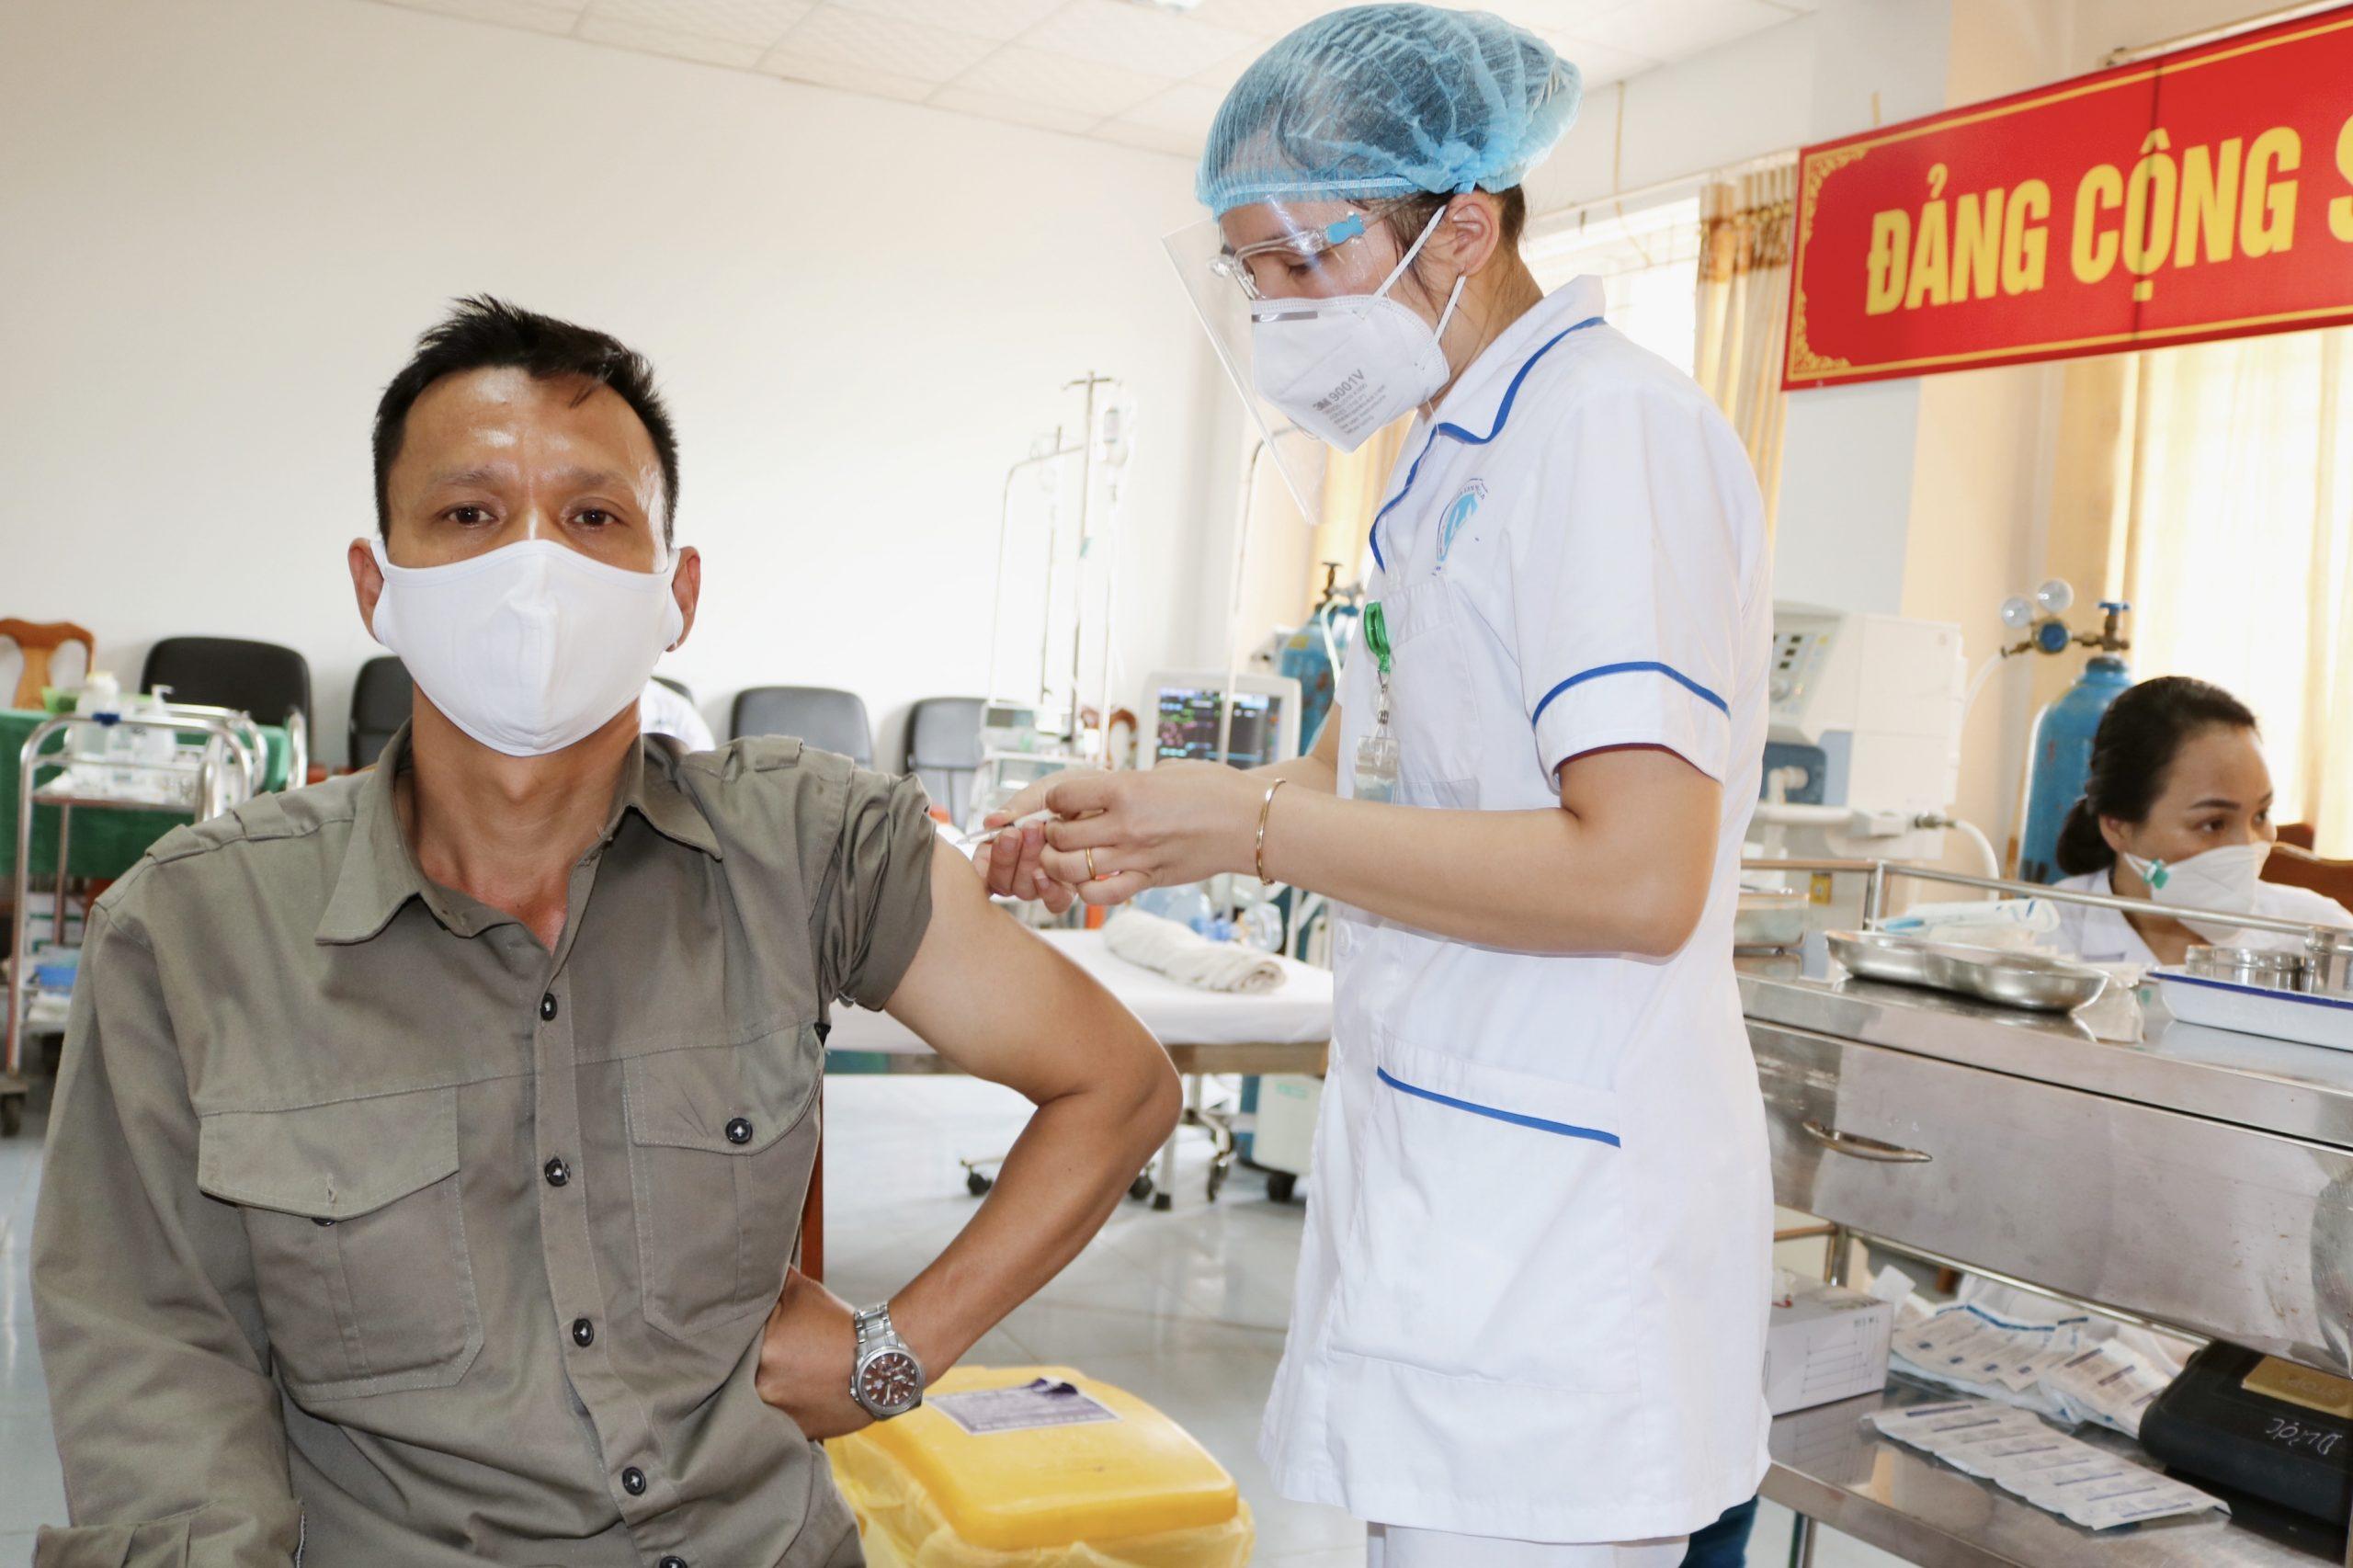 Bệnh viện sản nhi Bắc Giang tổ chức tiêm phòng Covid-19 cho CBCNV Công ty CP Nước sạch Bắc Giang